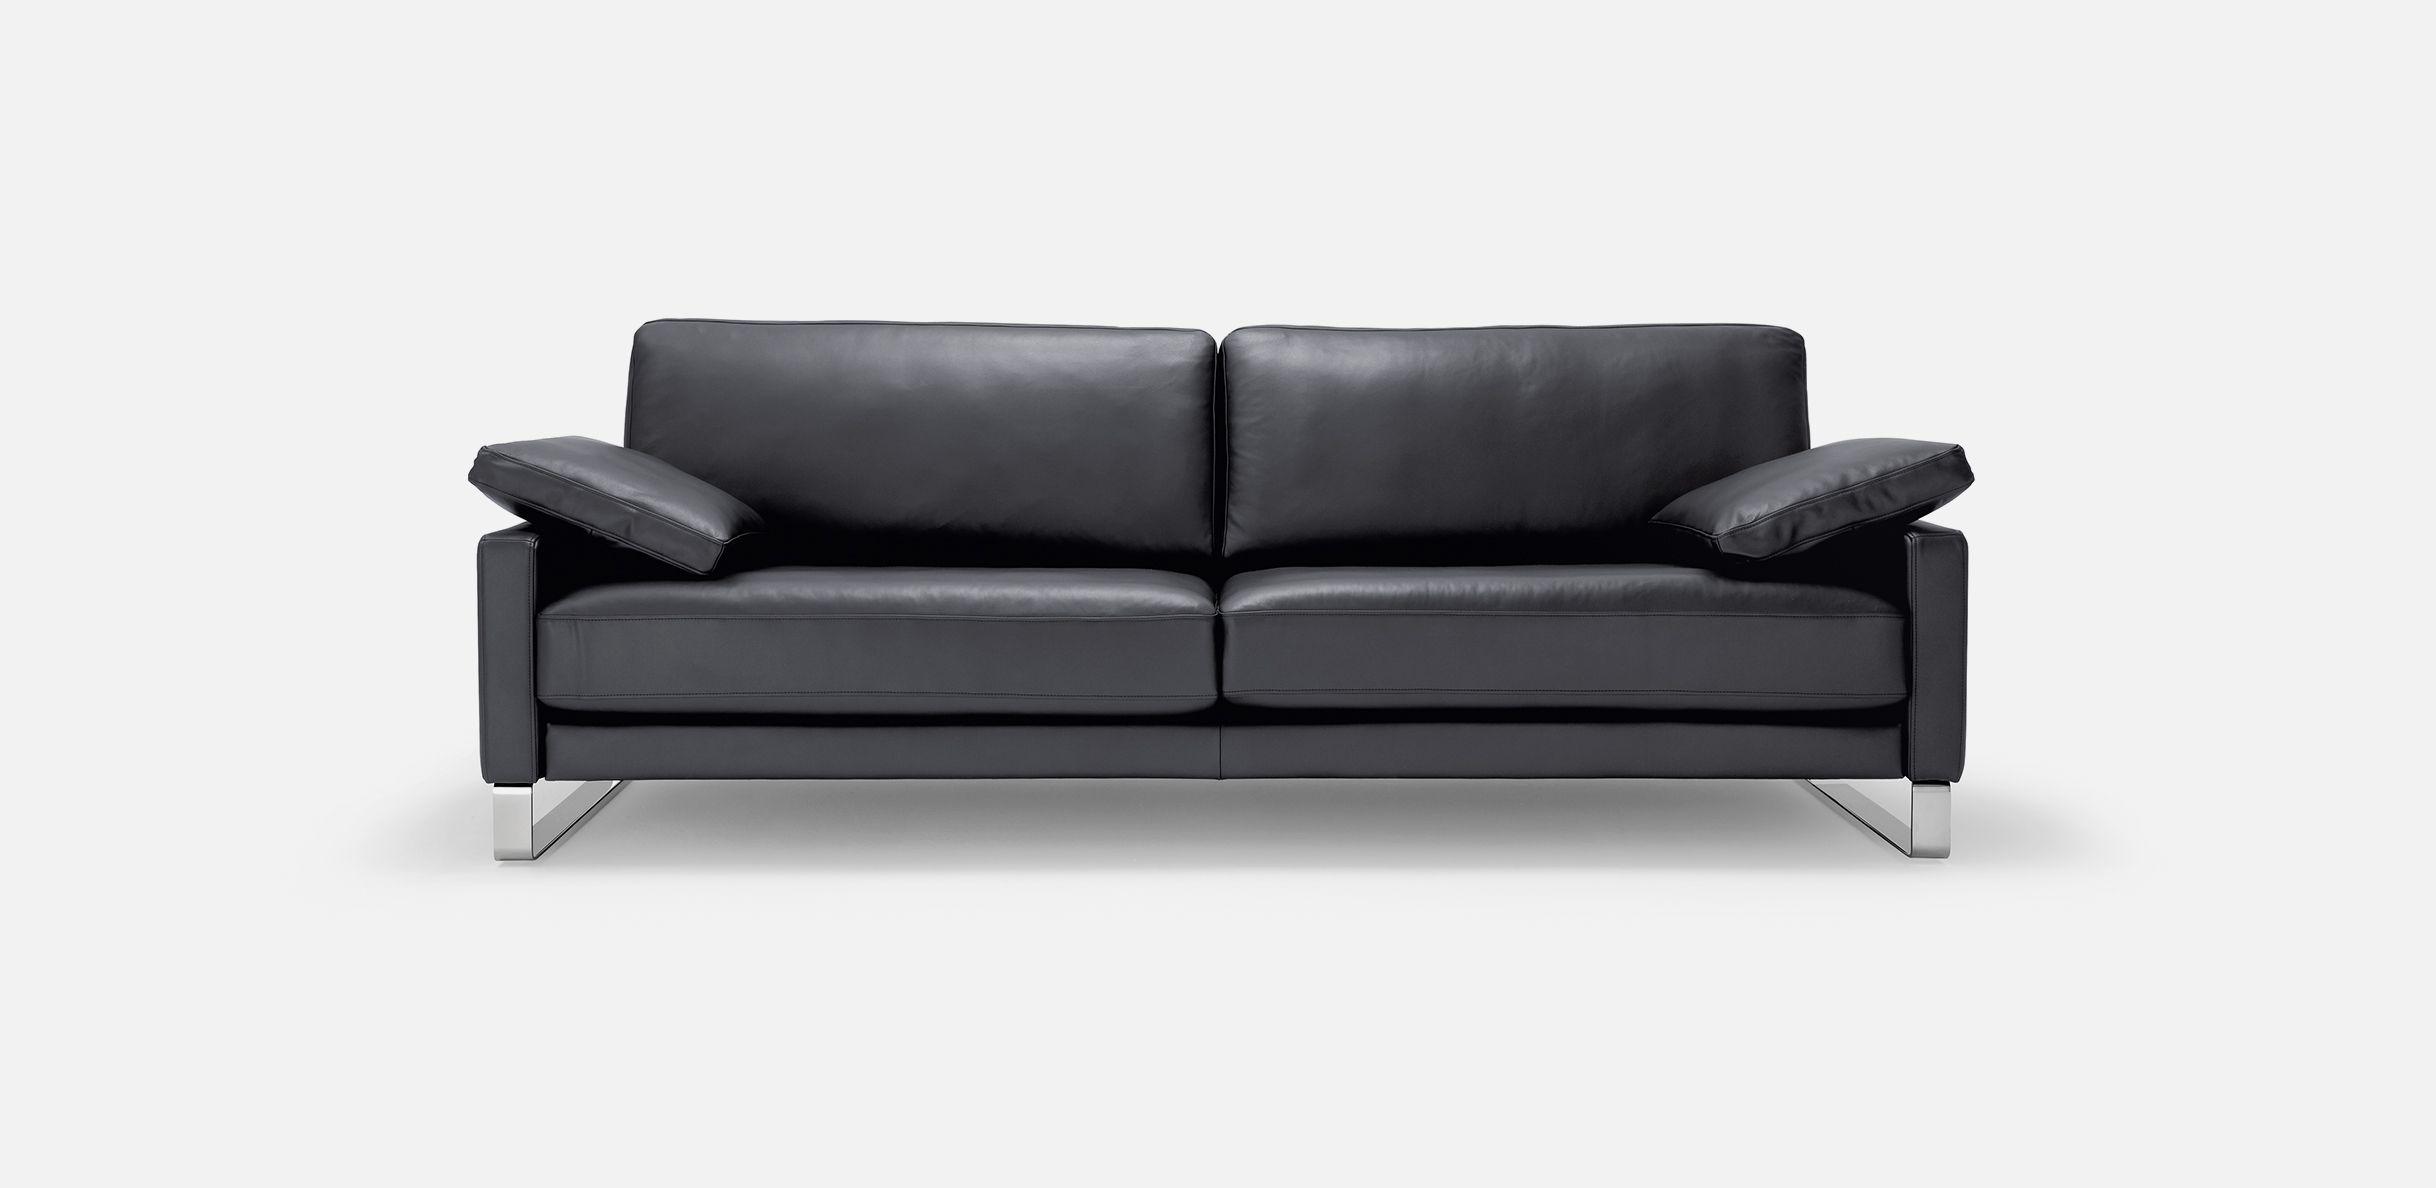 Fesselnde Benz Couch Sammlung Von Rolf Ego Offers You Unique Fort In